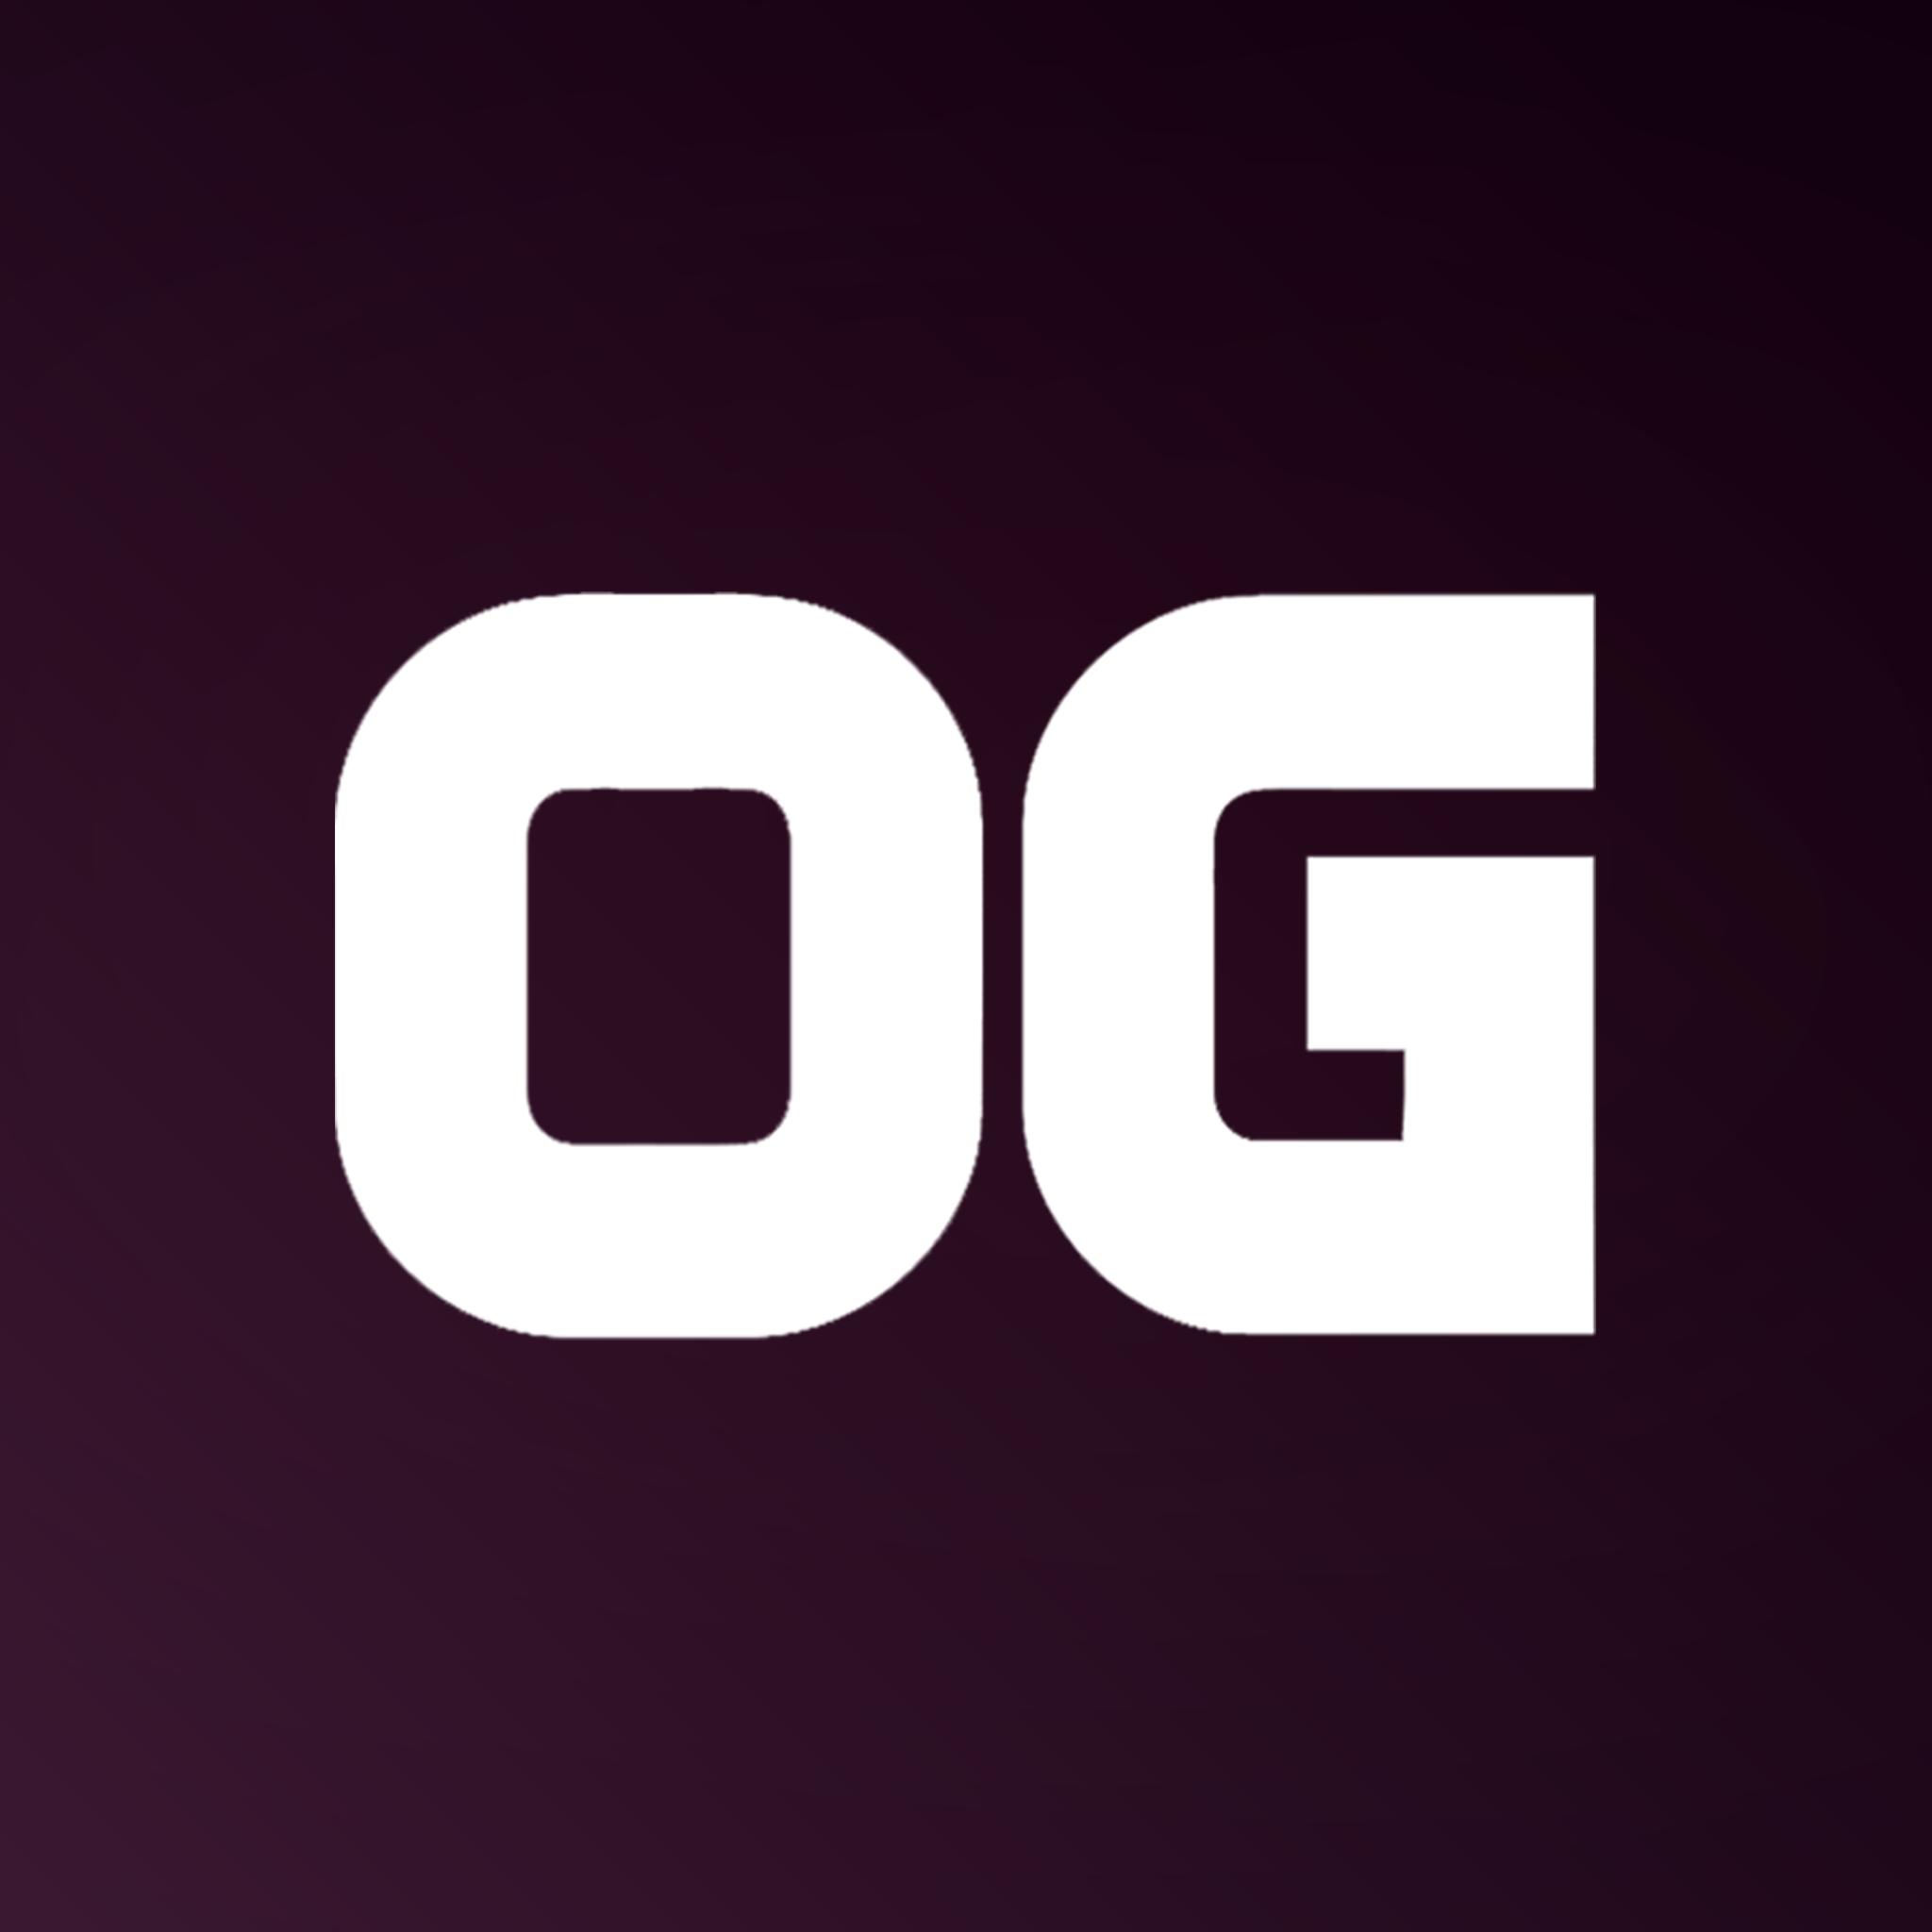 www.obscuregamers.com